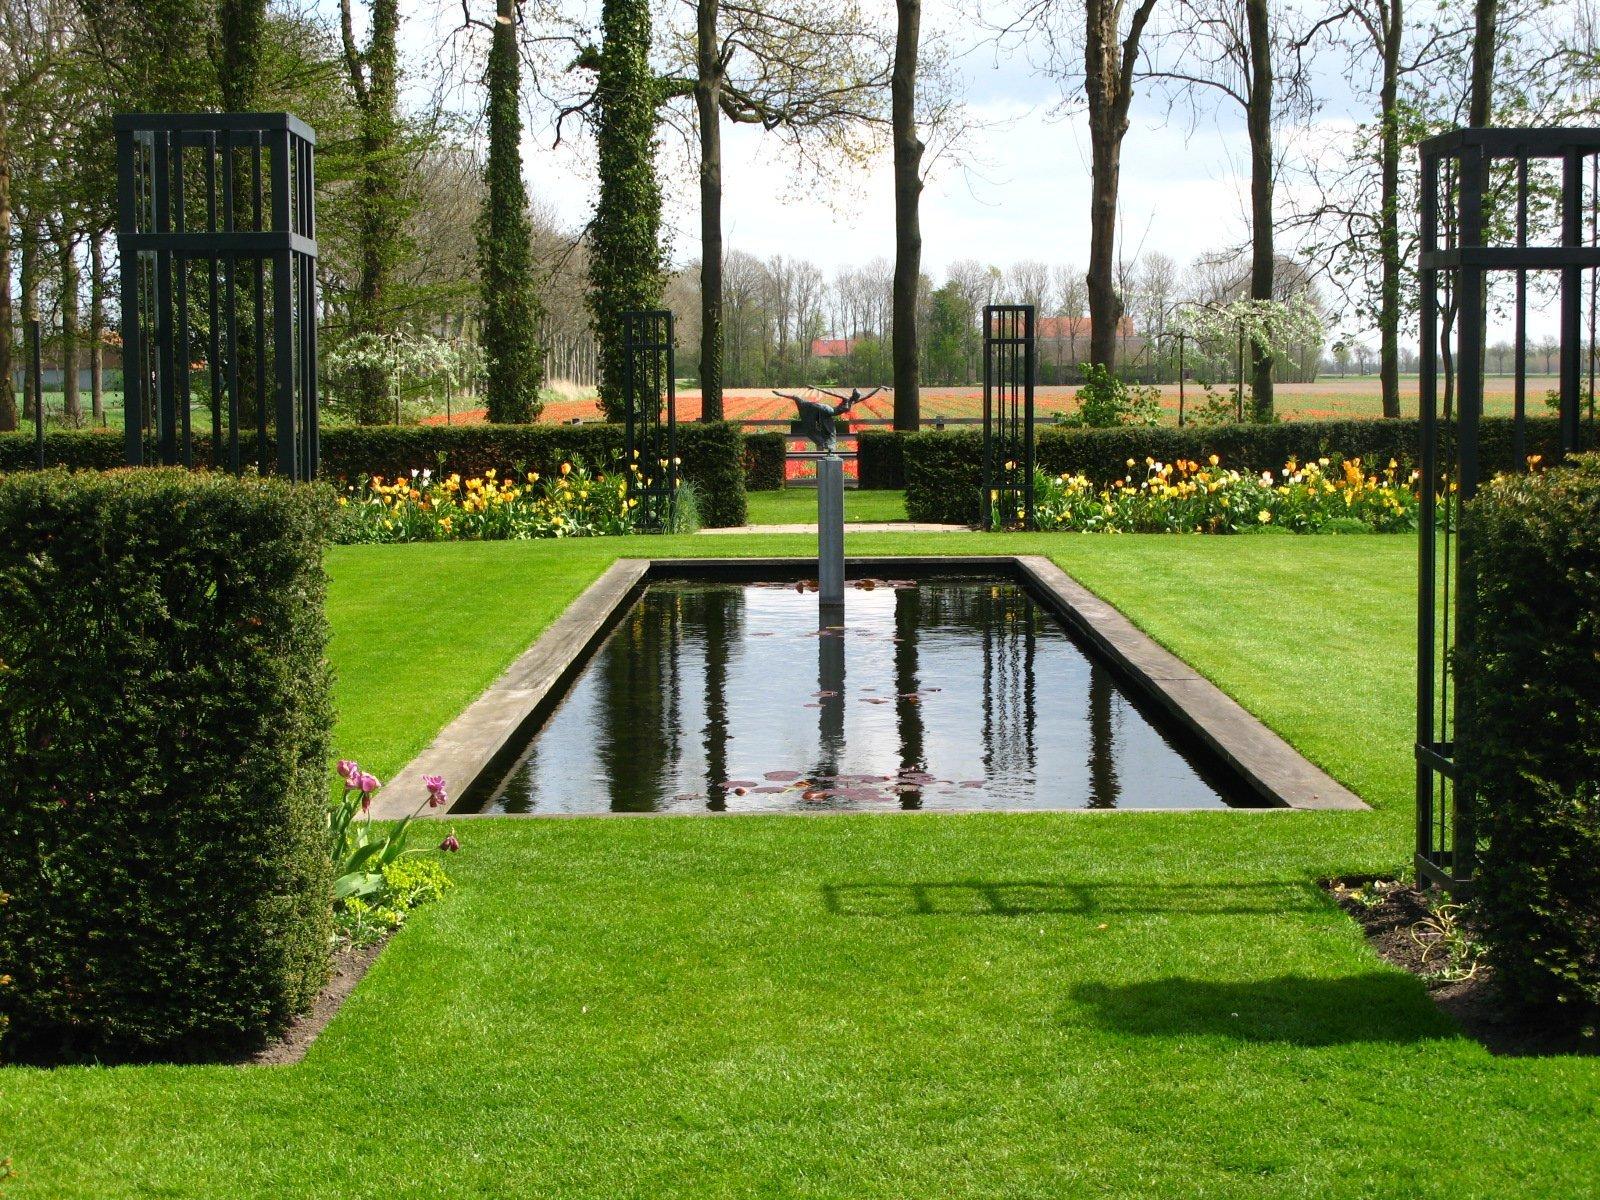 Формальный пруд - прекрасный вариант для небольшого участка: выглядит аккуратно и вписывается в любой свободный уголок территории.